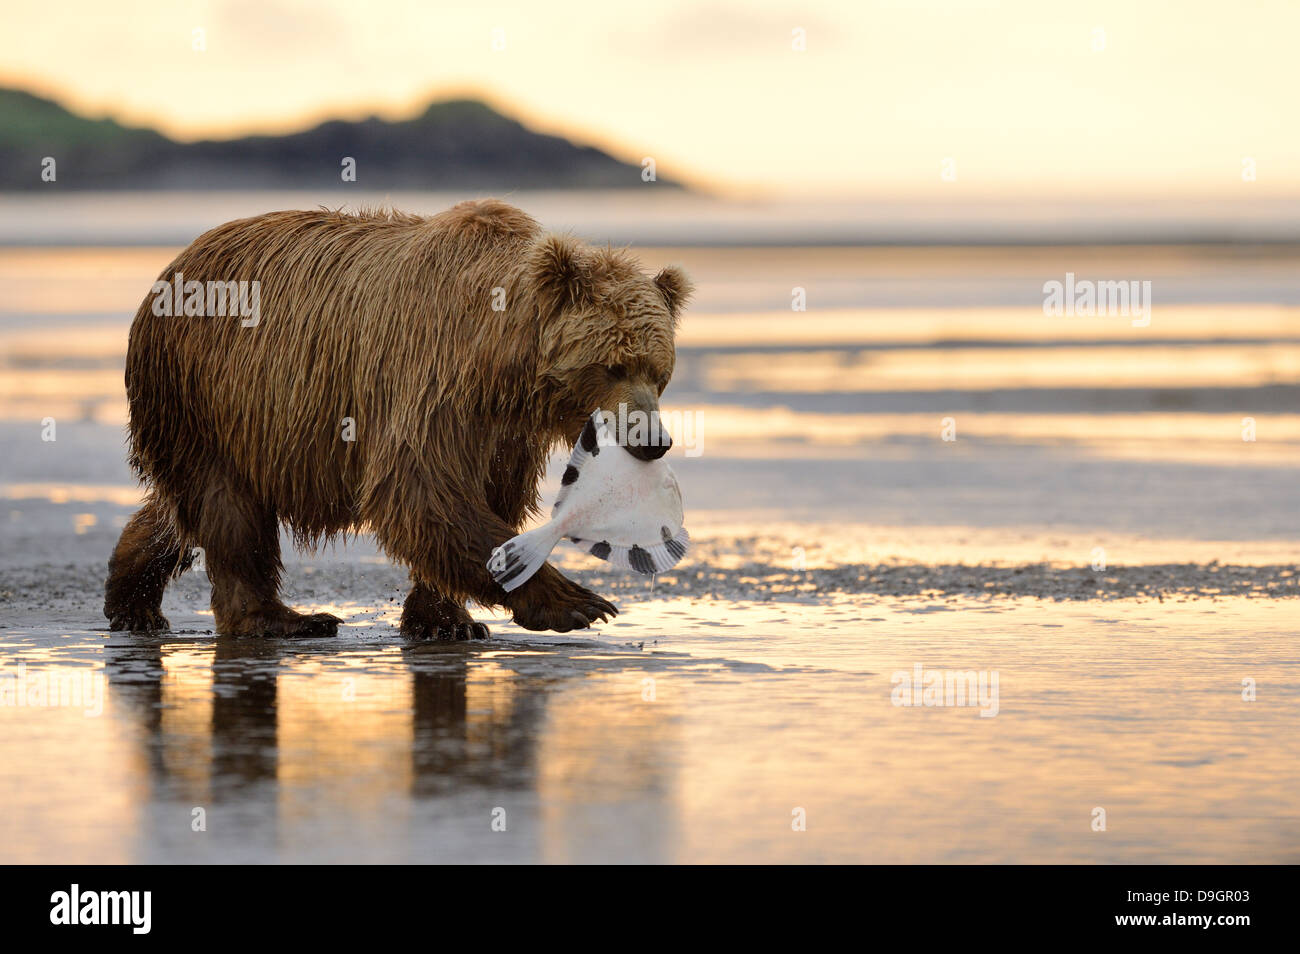 Grizzly Bear caminando con pescado fresco en boca Foto de stock